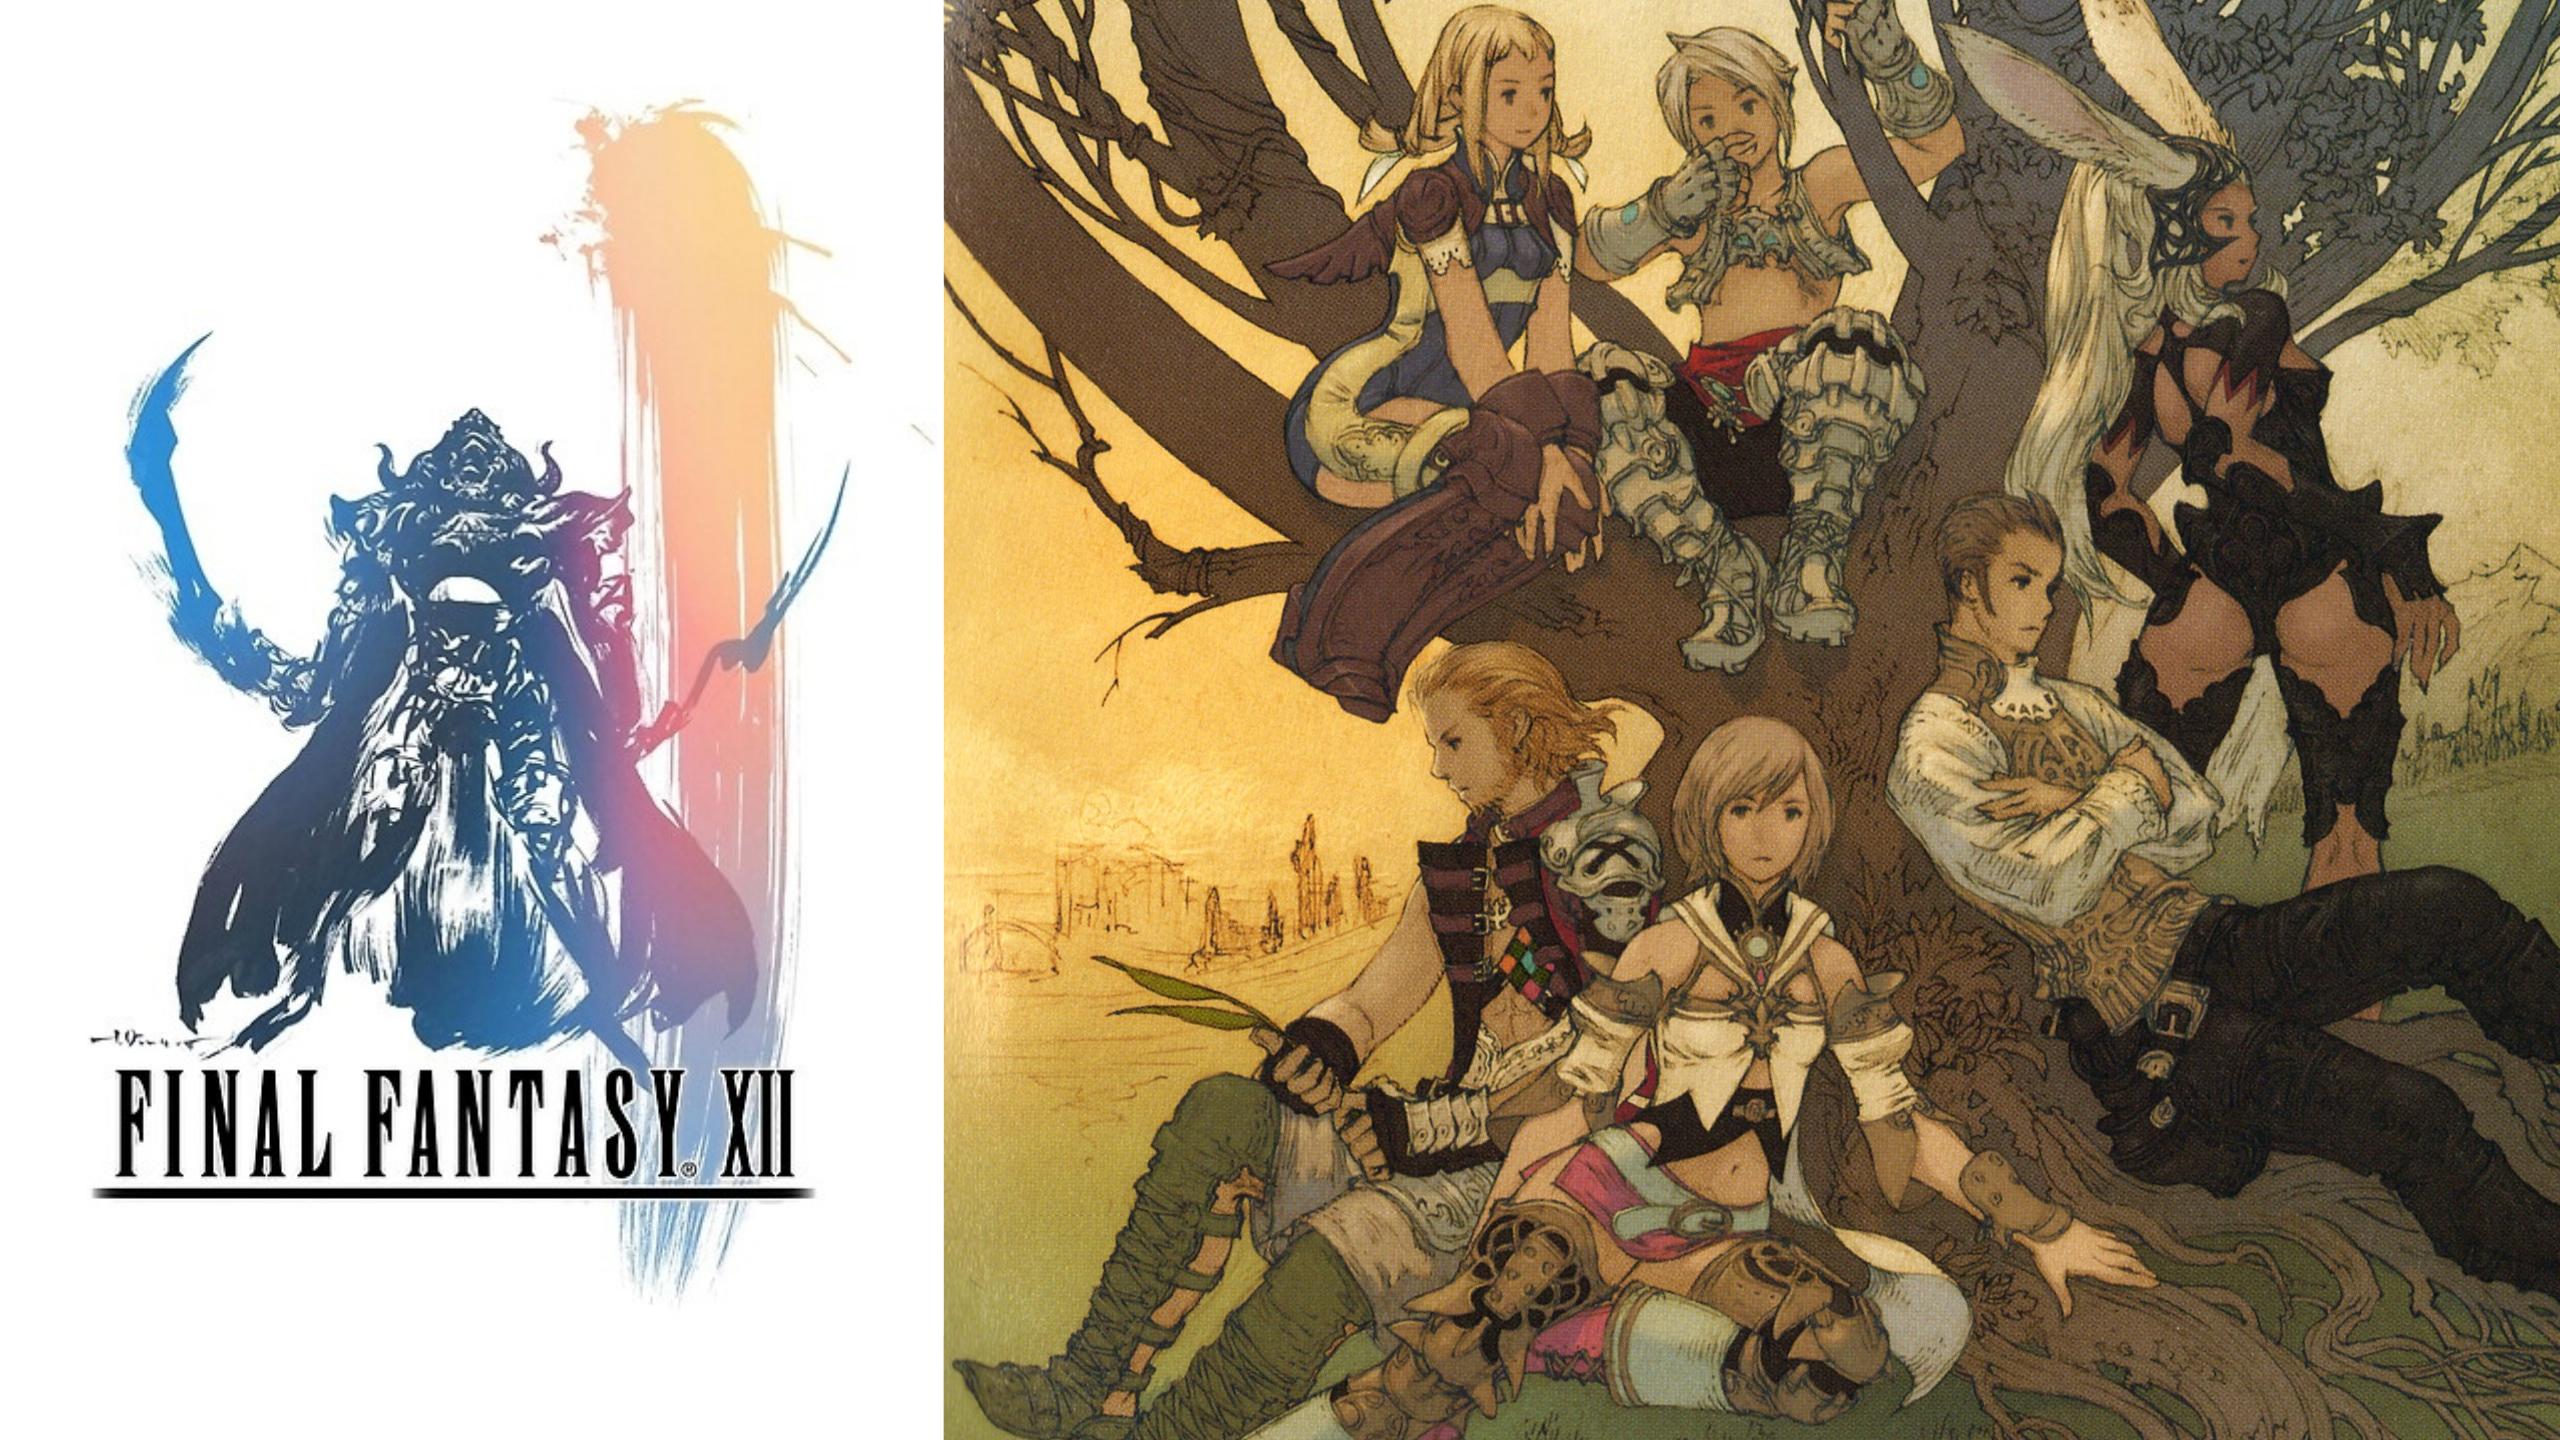 Wallpaper Final Fantasy Xii Ffxii Zodiac Age Fran Balthier